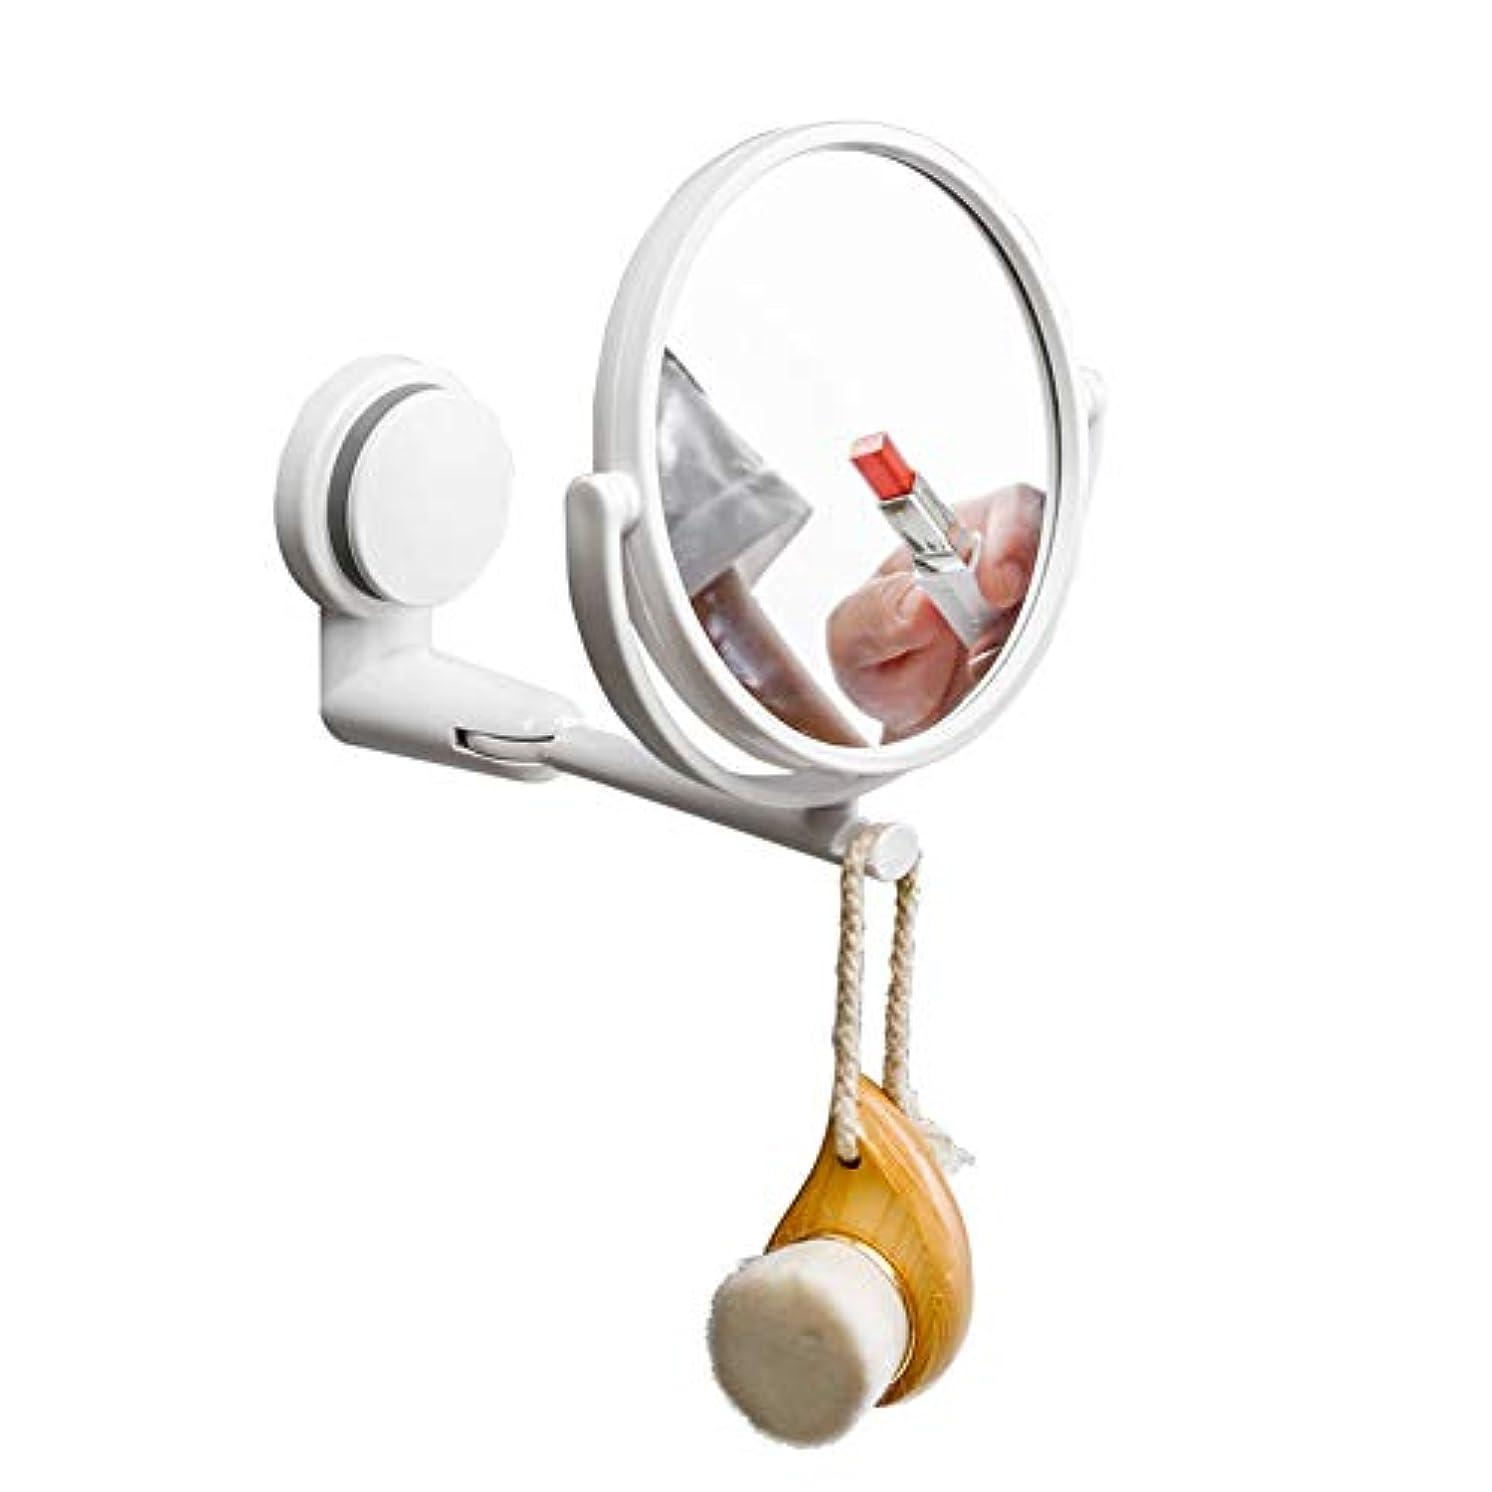 抗生物質セラー構成するCatChi 壁付けミラー 両面化粧鏡 3倍拡大鏡 折りたたみ 360度回転 女優ミラー 吸盤式 お風呂 洗面所 アームミラー 取り付け簡単